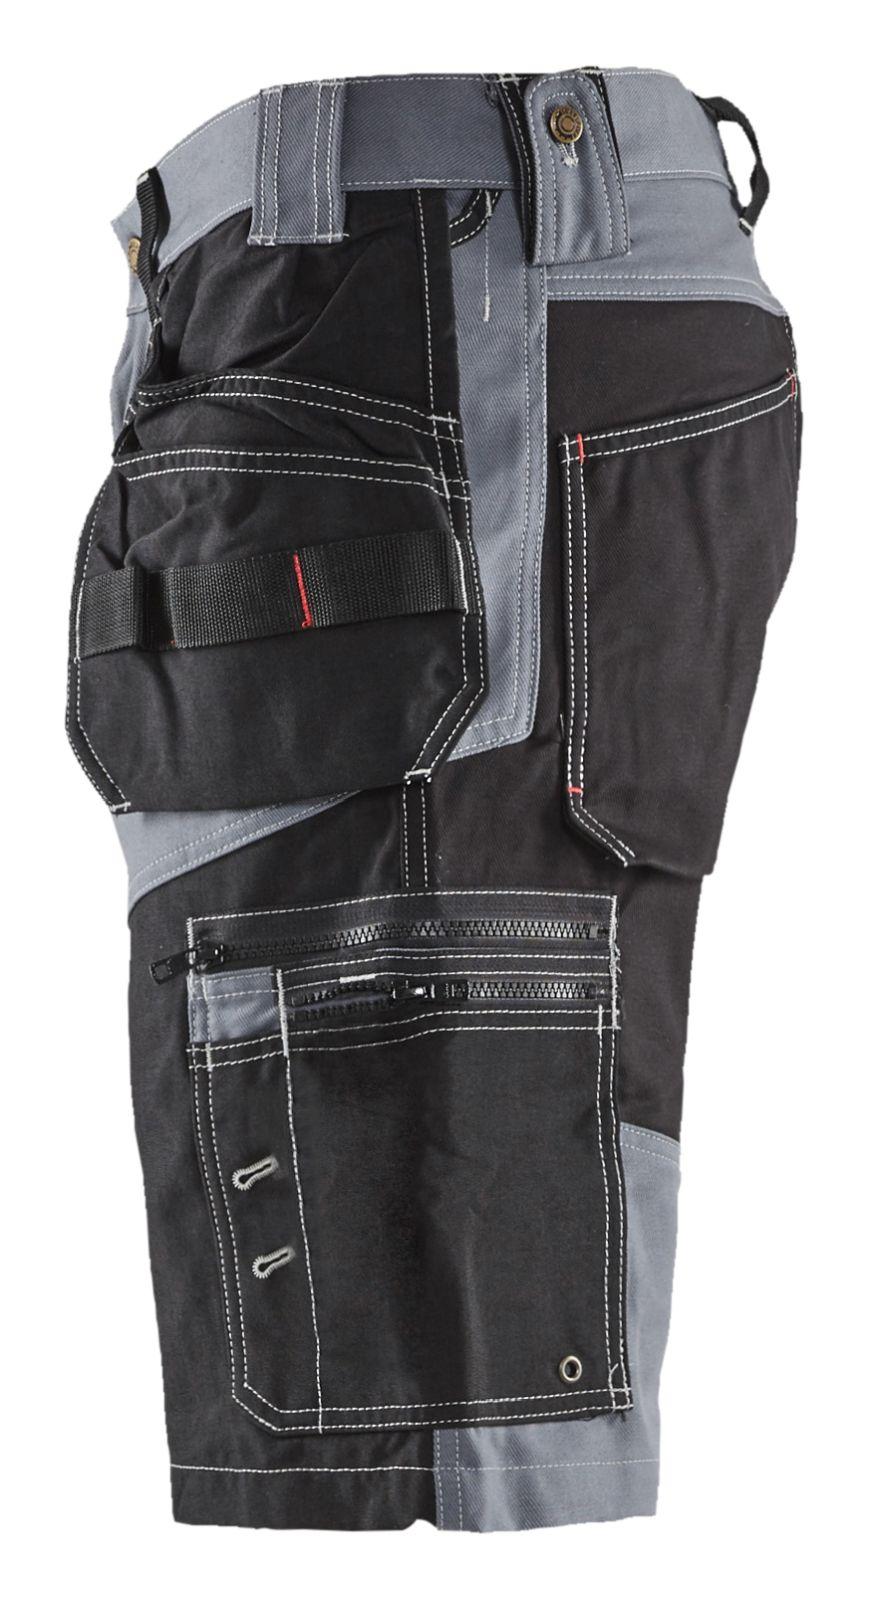 Blaklader Broeken 15021370 grijs-zwart(9499)